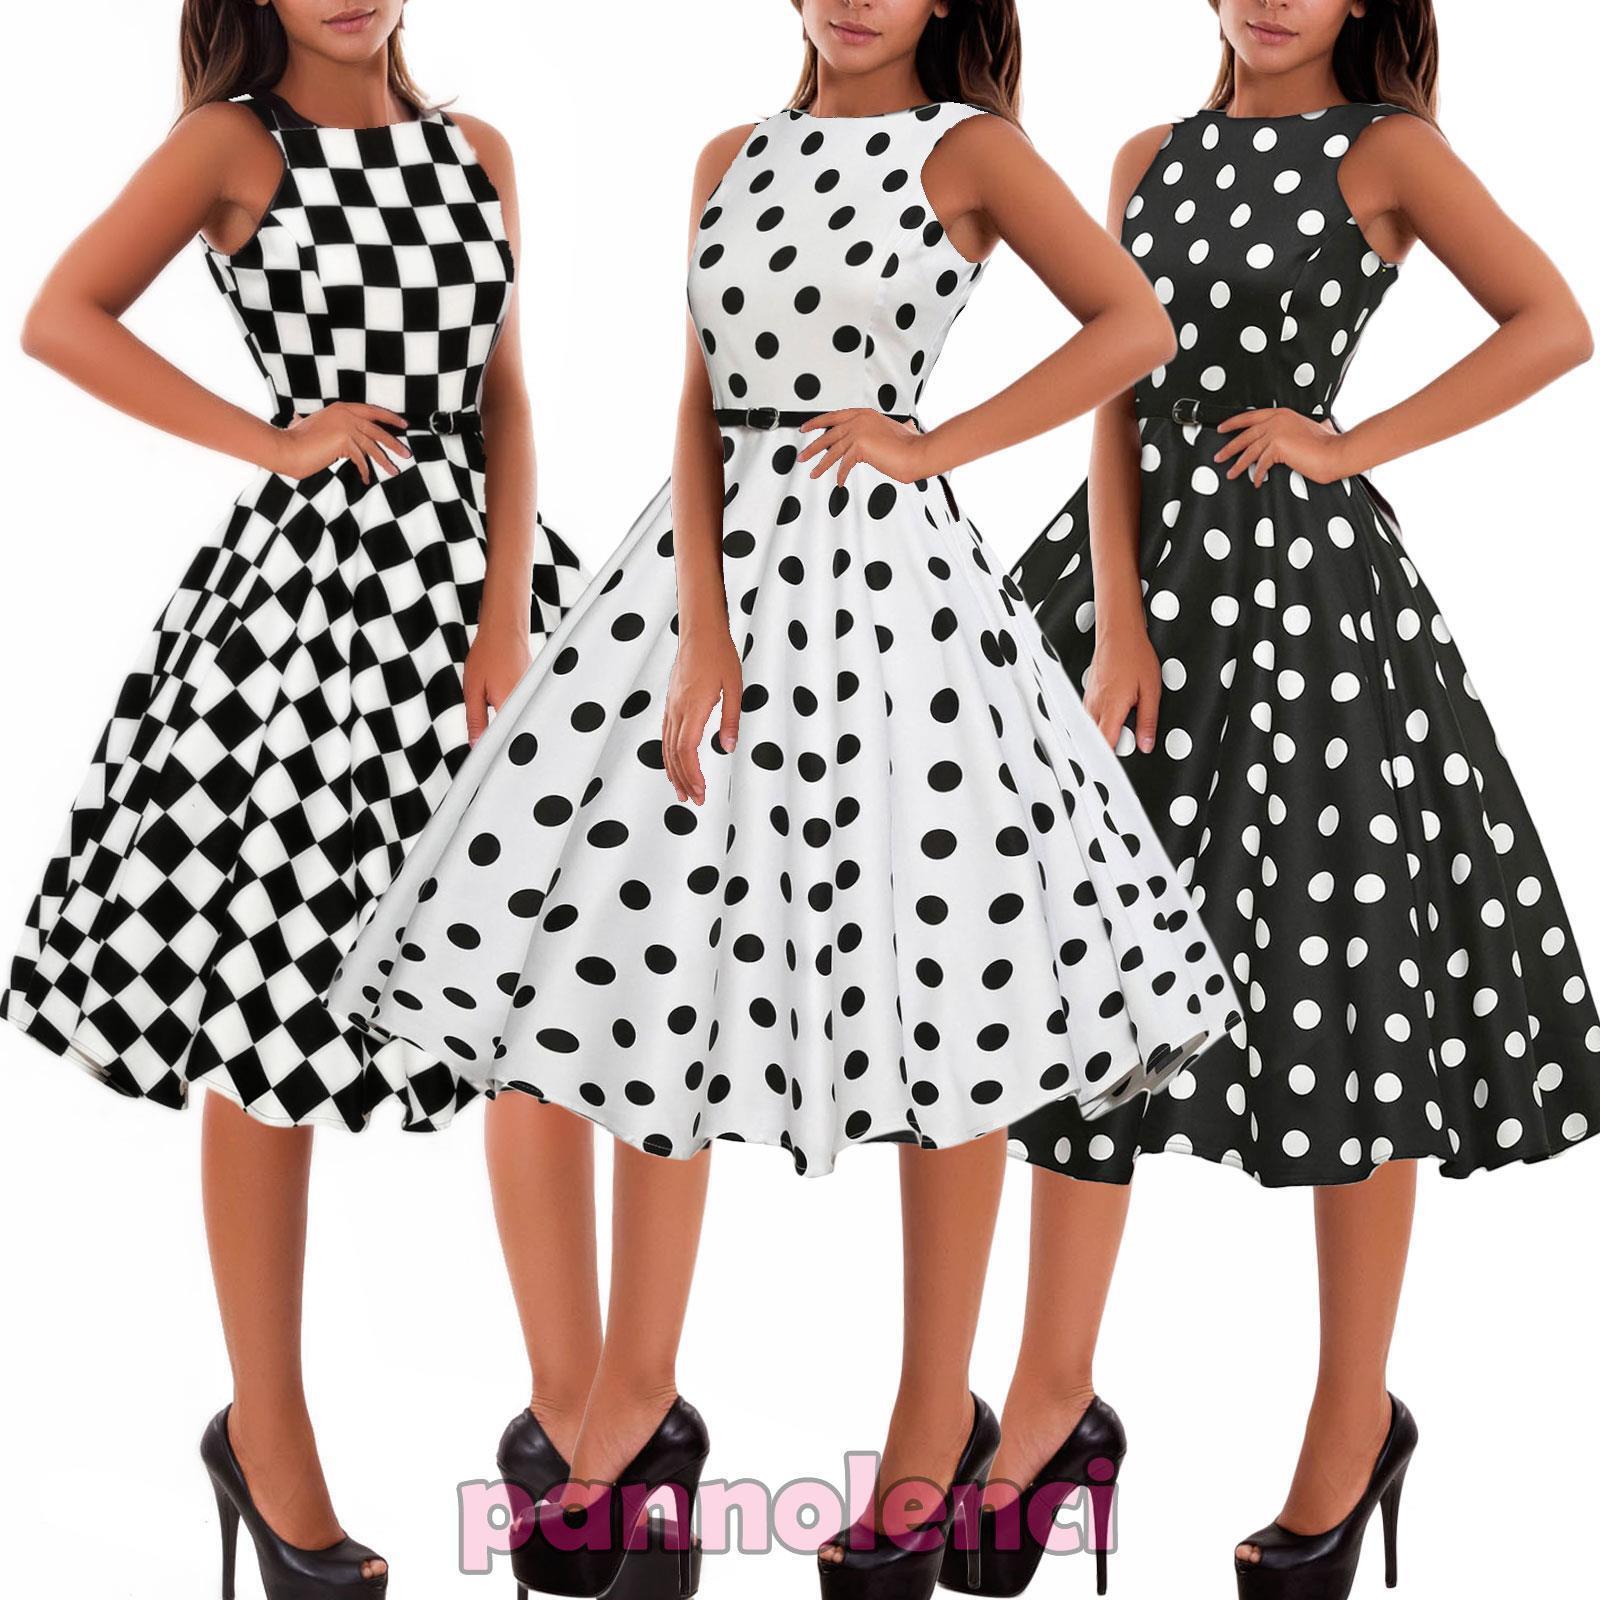 b88fbe81b009 Abito donna vestito pinup anni  50 rockabilly pois scacchi quadri nuovo  DL-1950